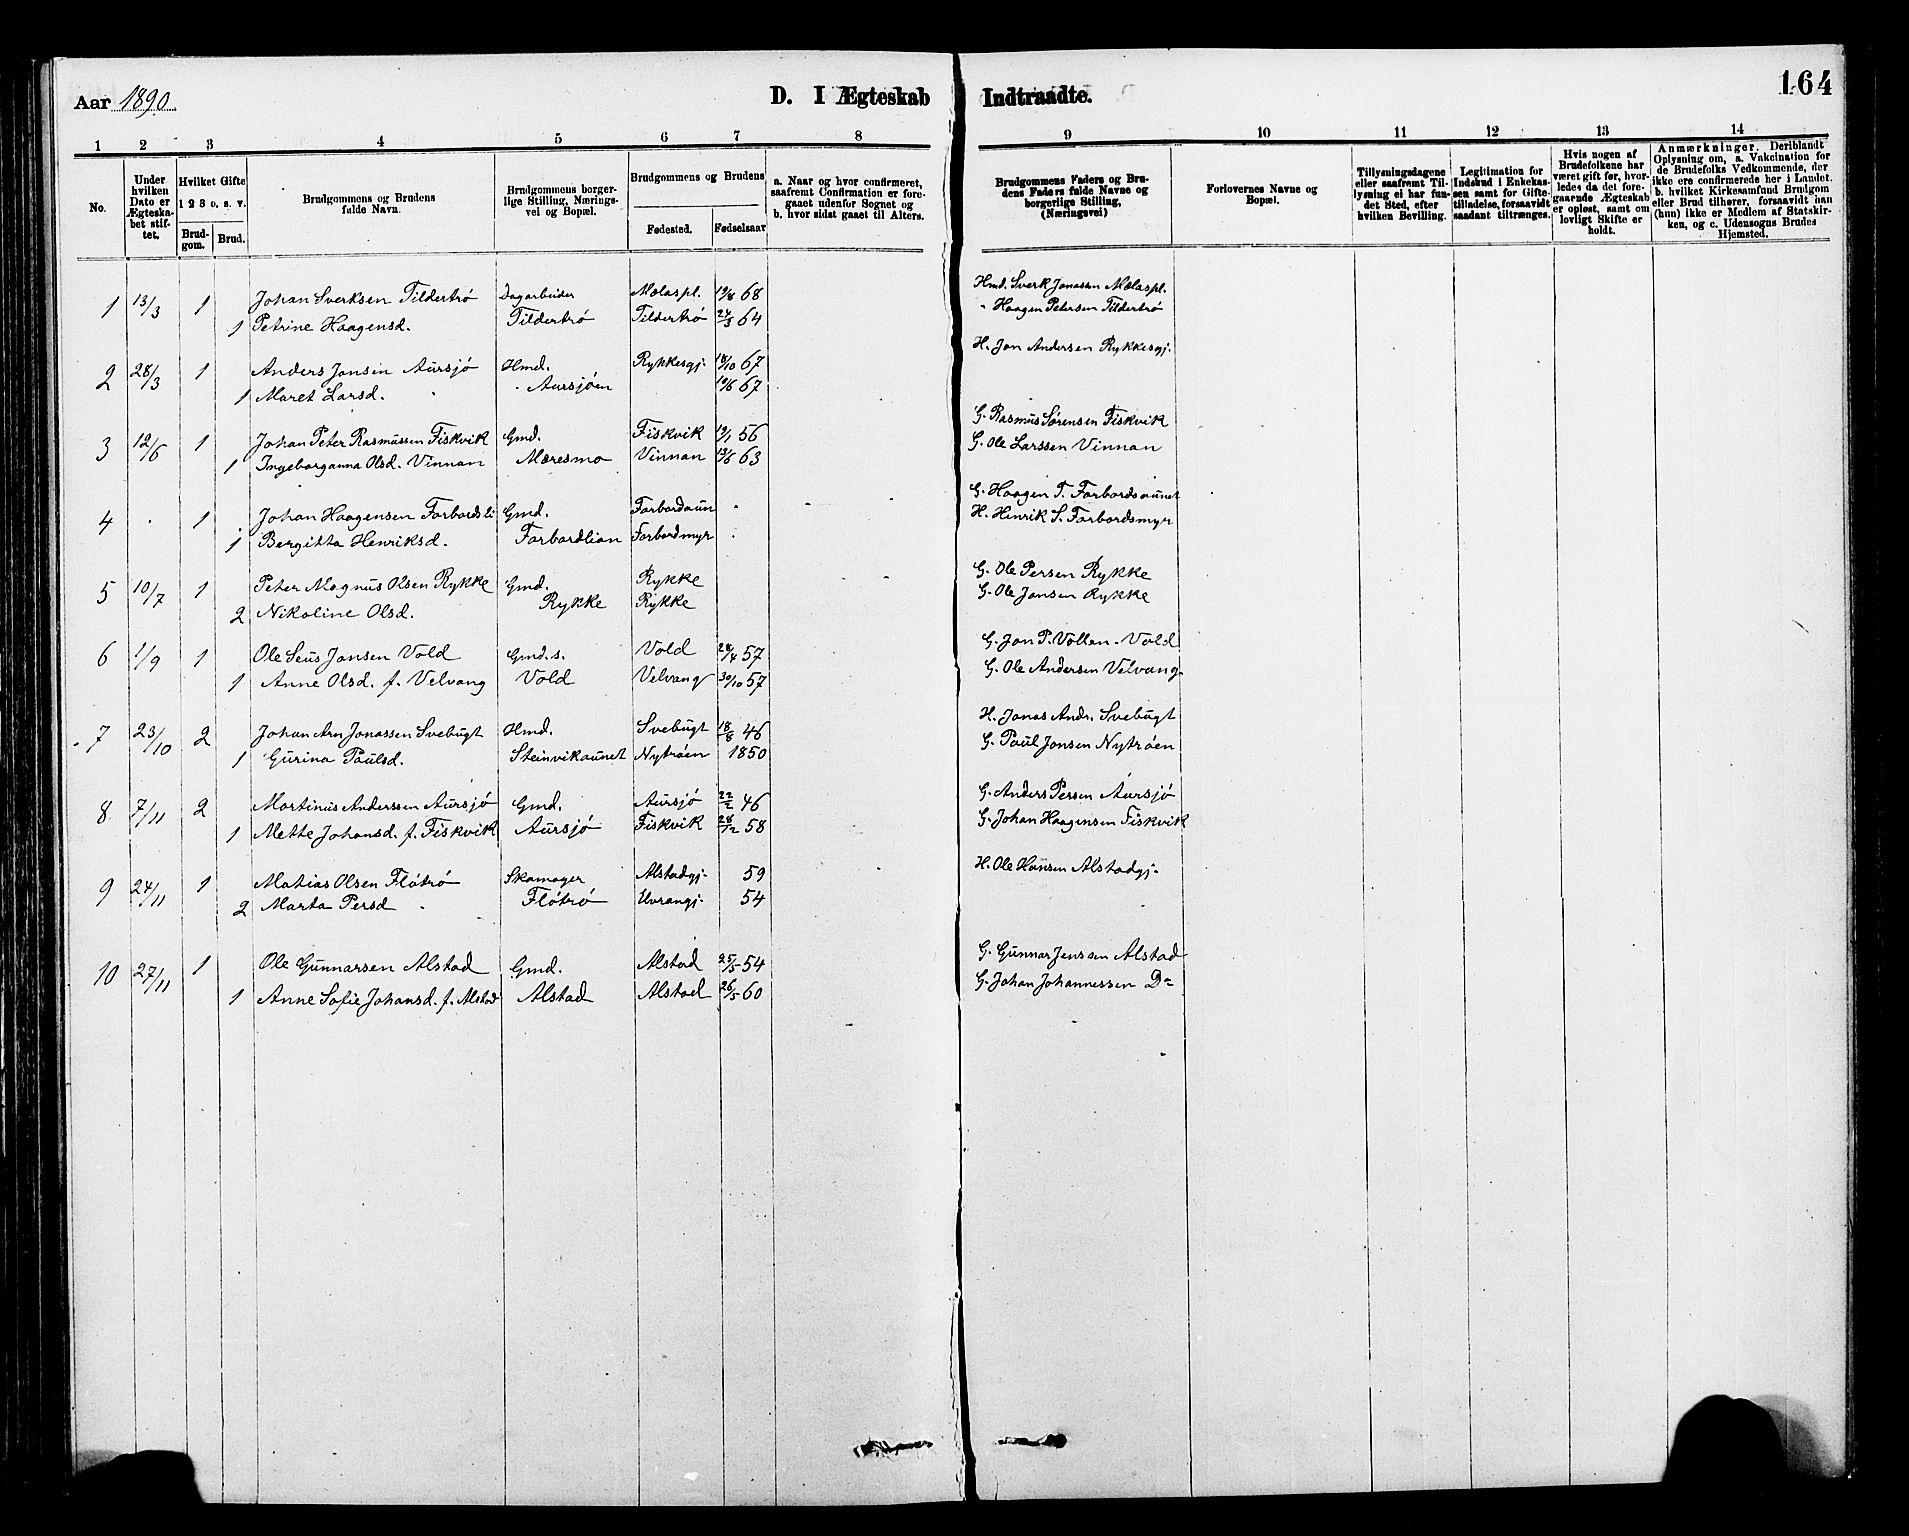 SAT, Ministerialprotokoller, klokkerbøker og fødselsregistre - Nord-Trøndelag, 712/L0103: Klokkerbok nr. 712C01, 1878-1917, s. 164